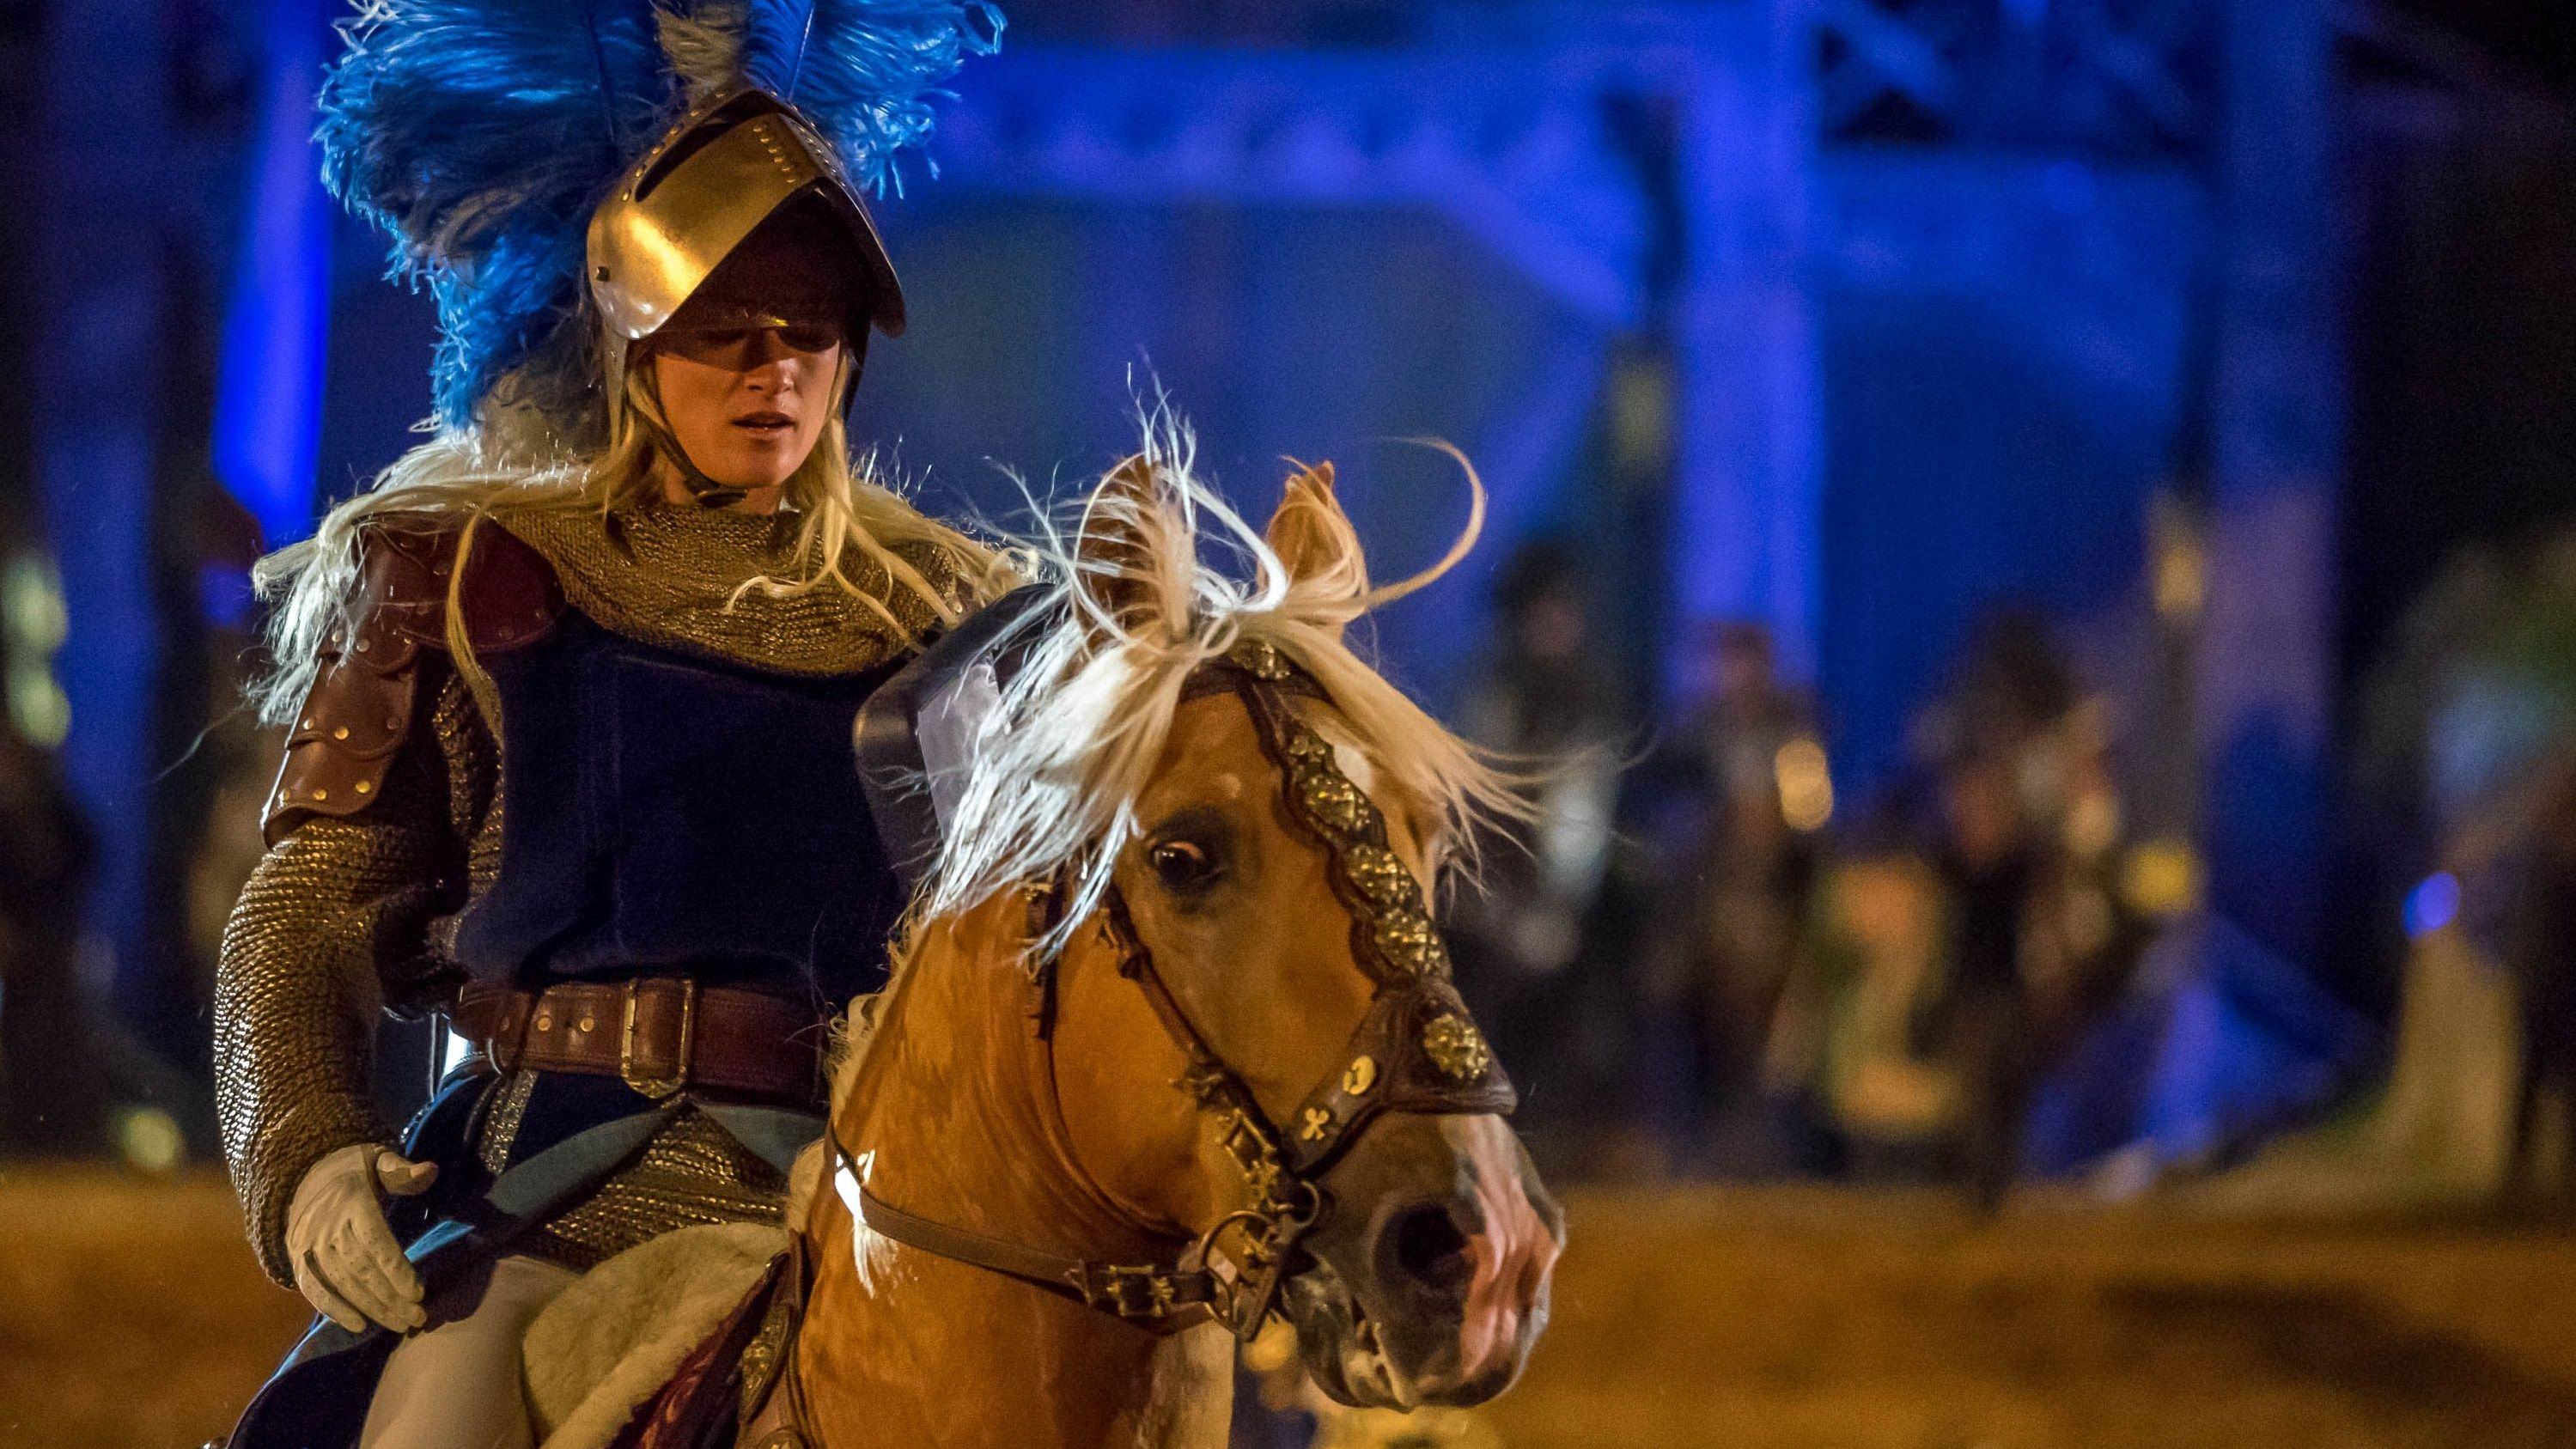 Eine Frau im Ritterkostüm hoch zu Ross.